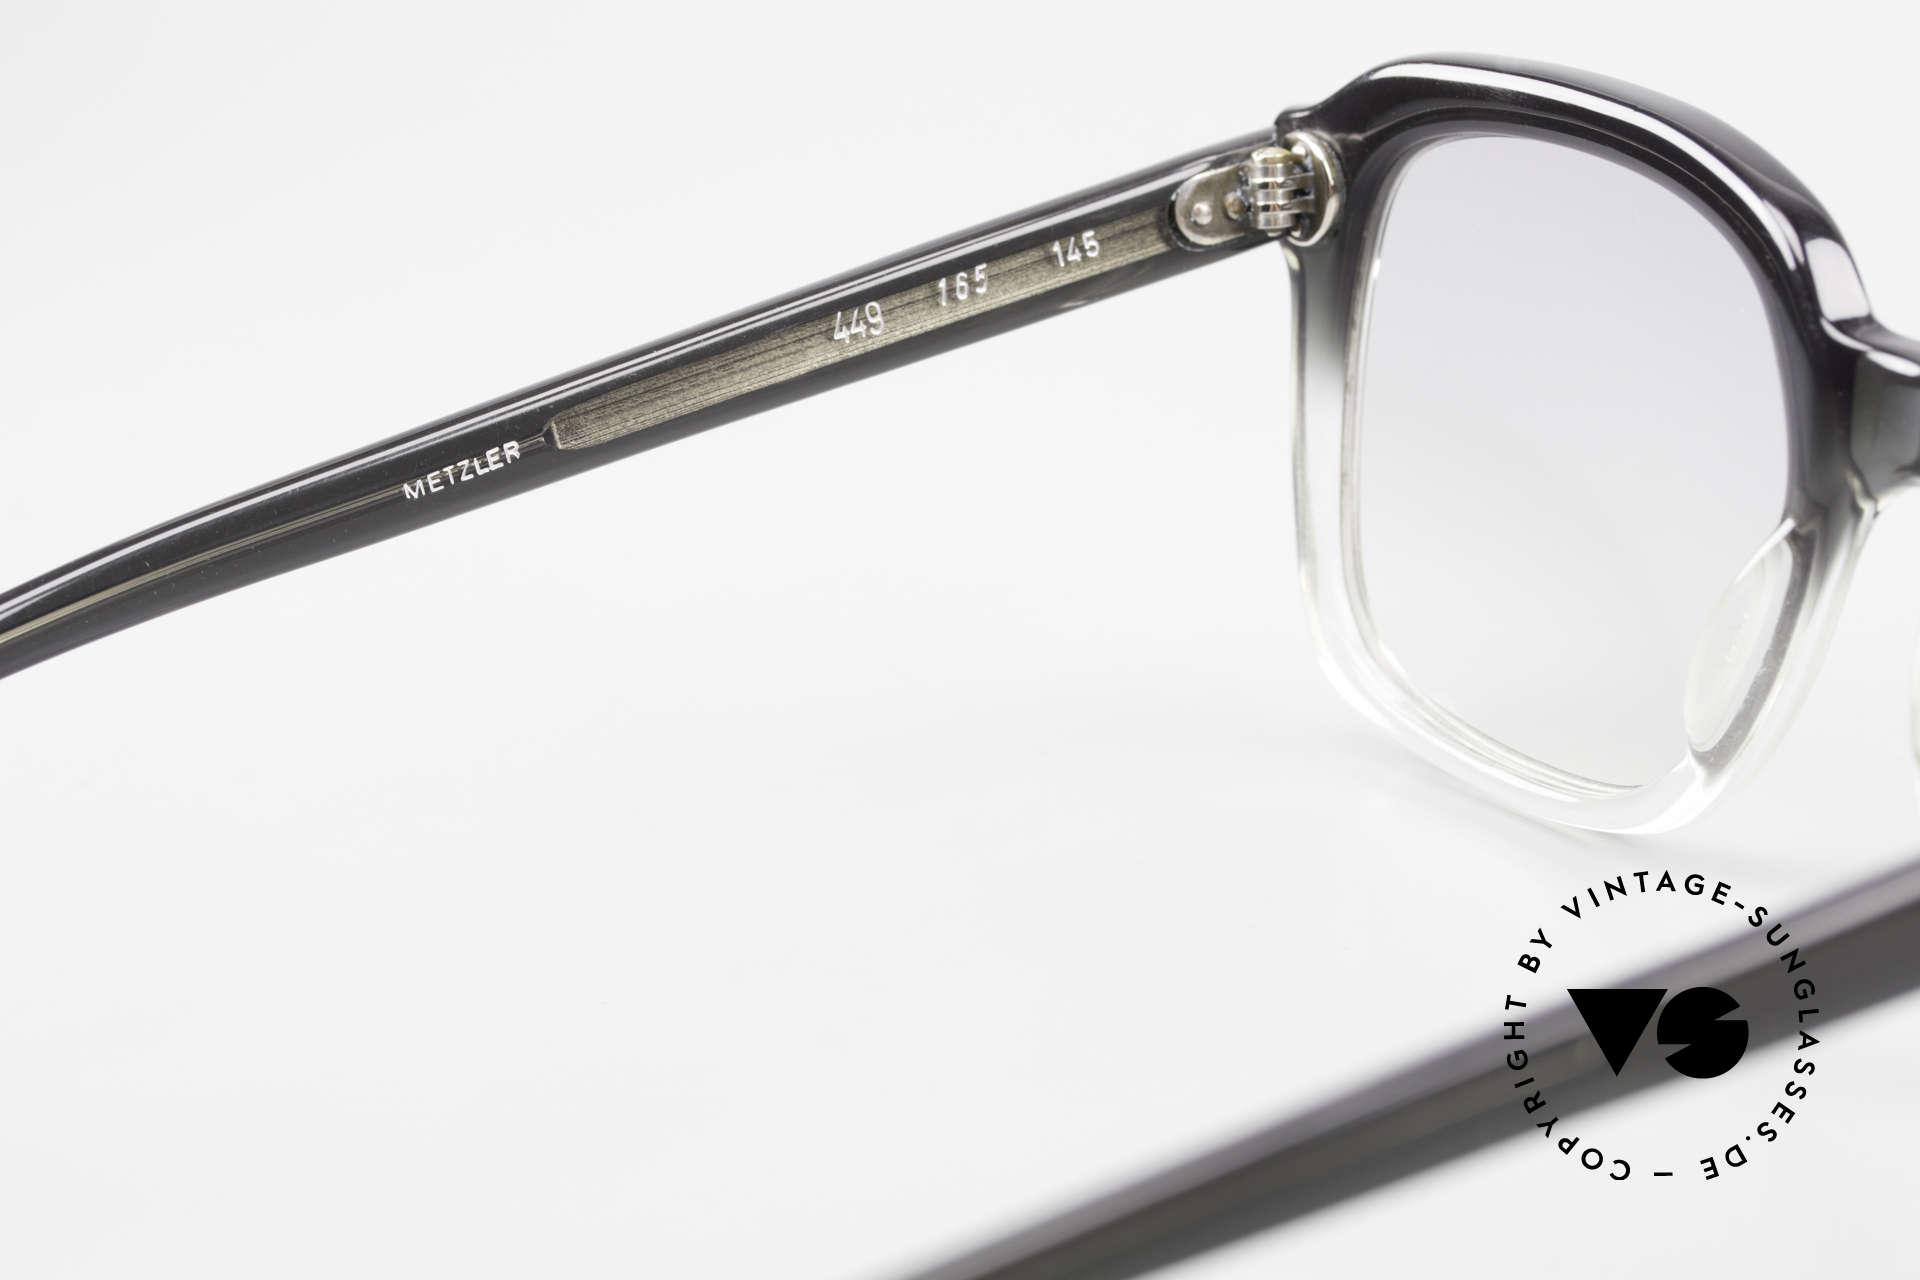 Metzler 449 Echte 70er Original Nerdbrille, leicht grau getönte Sonnengläser für 100% UV Schutz, Passend für Herren